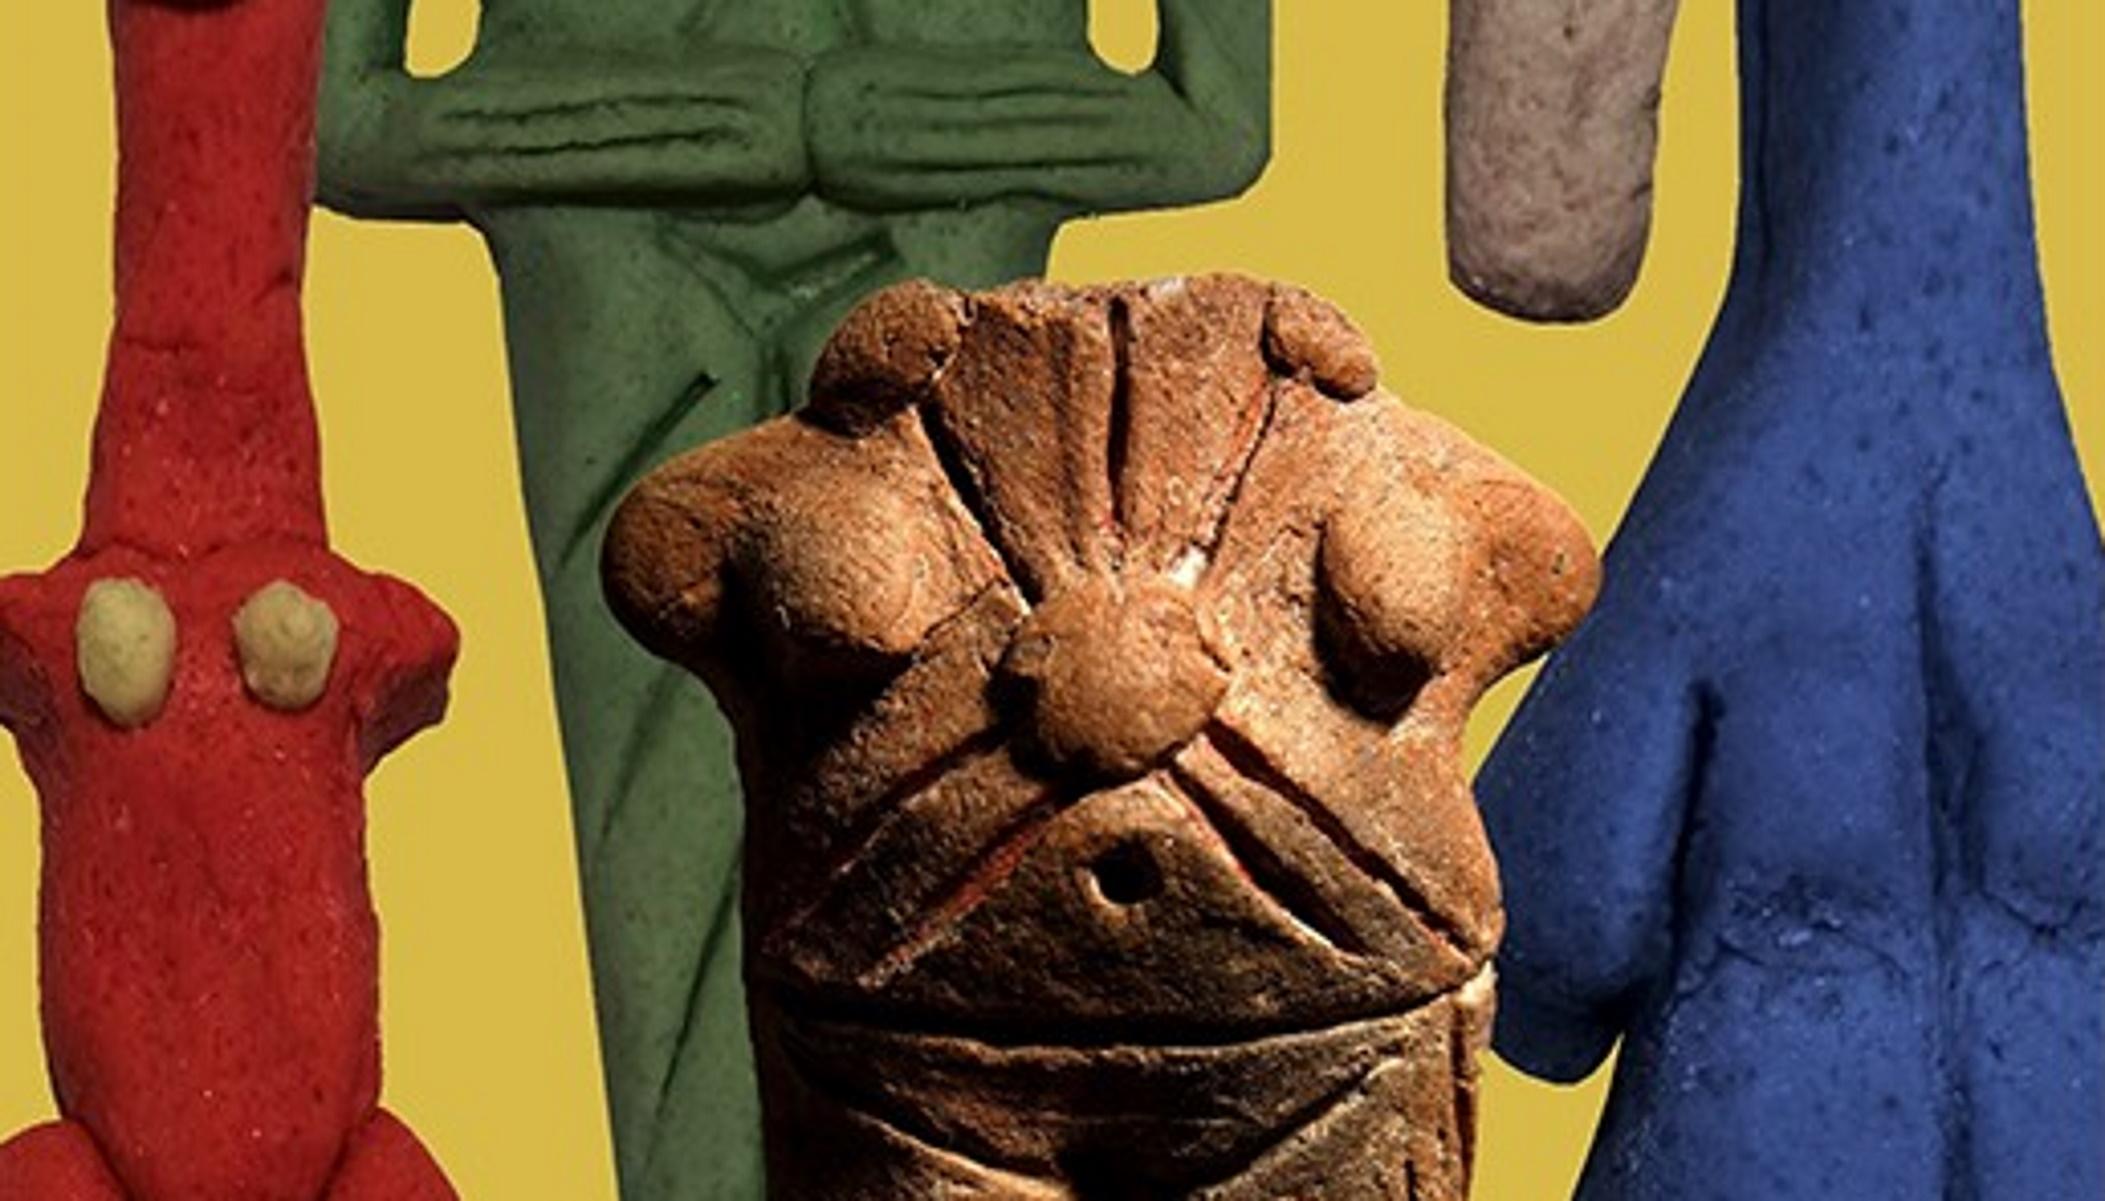 Πάσχα: Συνταγή για κουλούρια ειδώλια από το Αρχαιολογικό Μουσείο Θεσσαλονίκης (video)